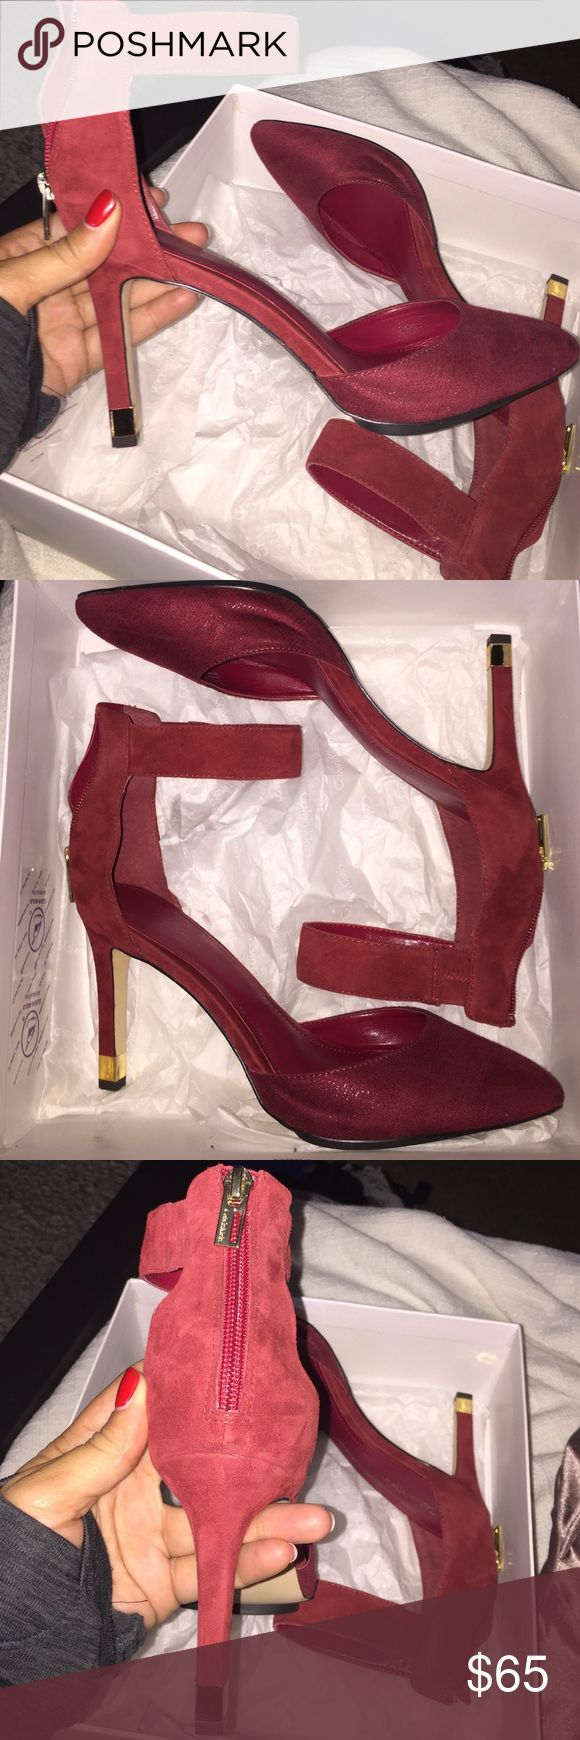 Red Calvin Klein Heels Brand new, never worn, Calvin Klein pumps with gold details Calvin Klein Shoes Heels